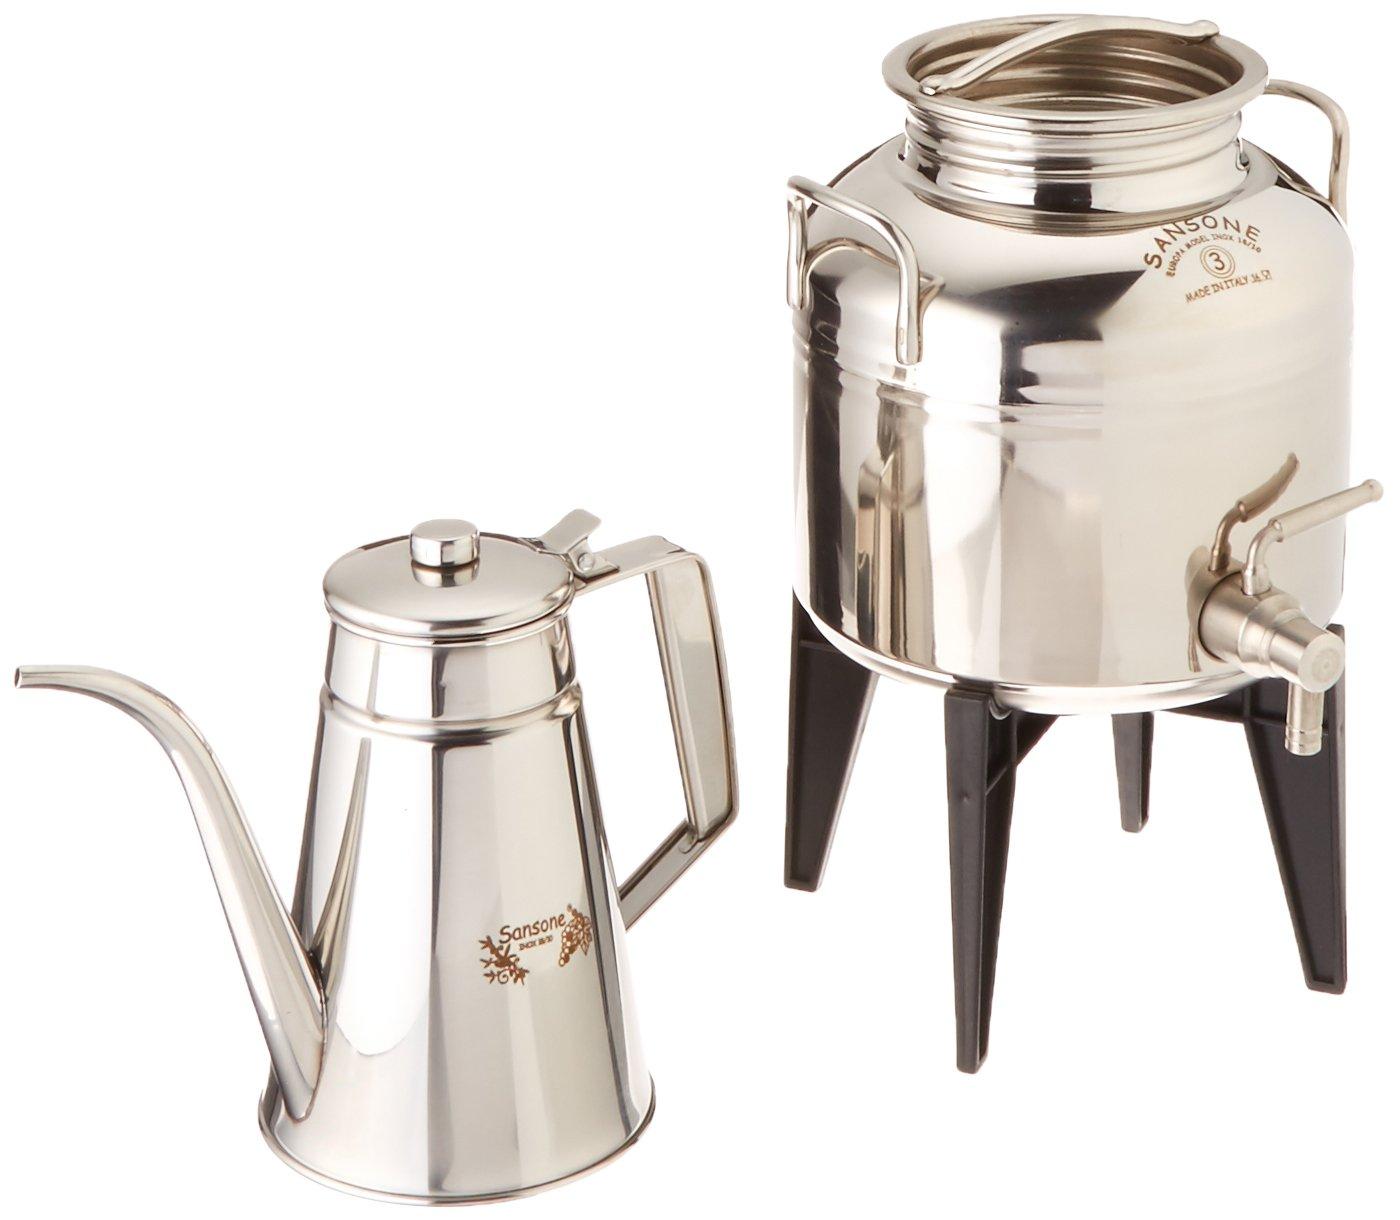 Sansone Italian Fusti & Stainless Steel Oil Cruet Gift Set, 3 L, Silver